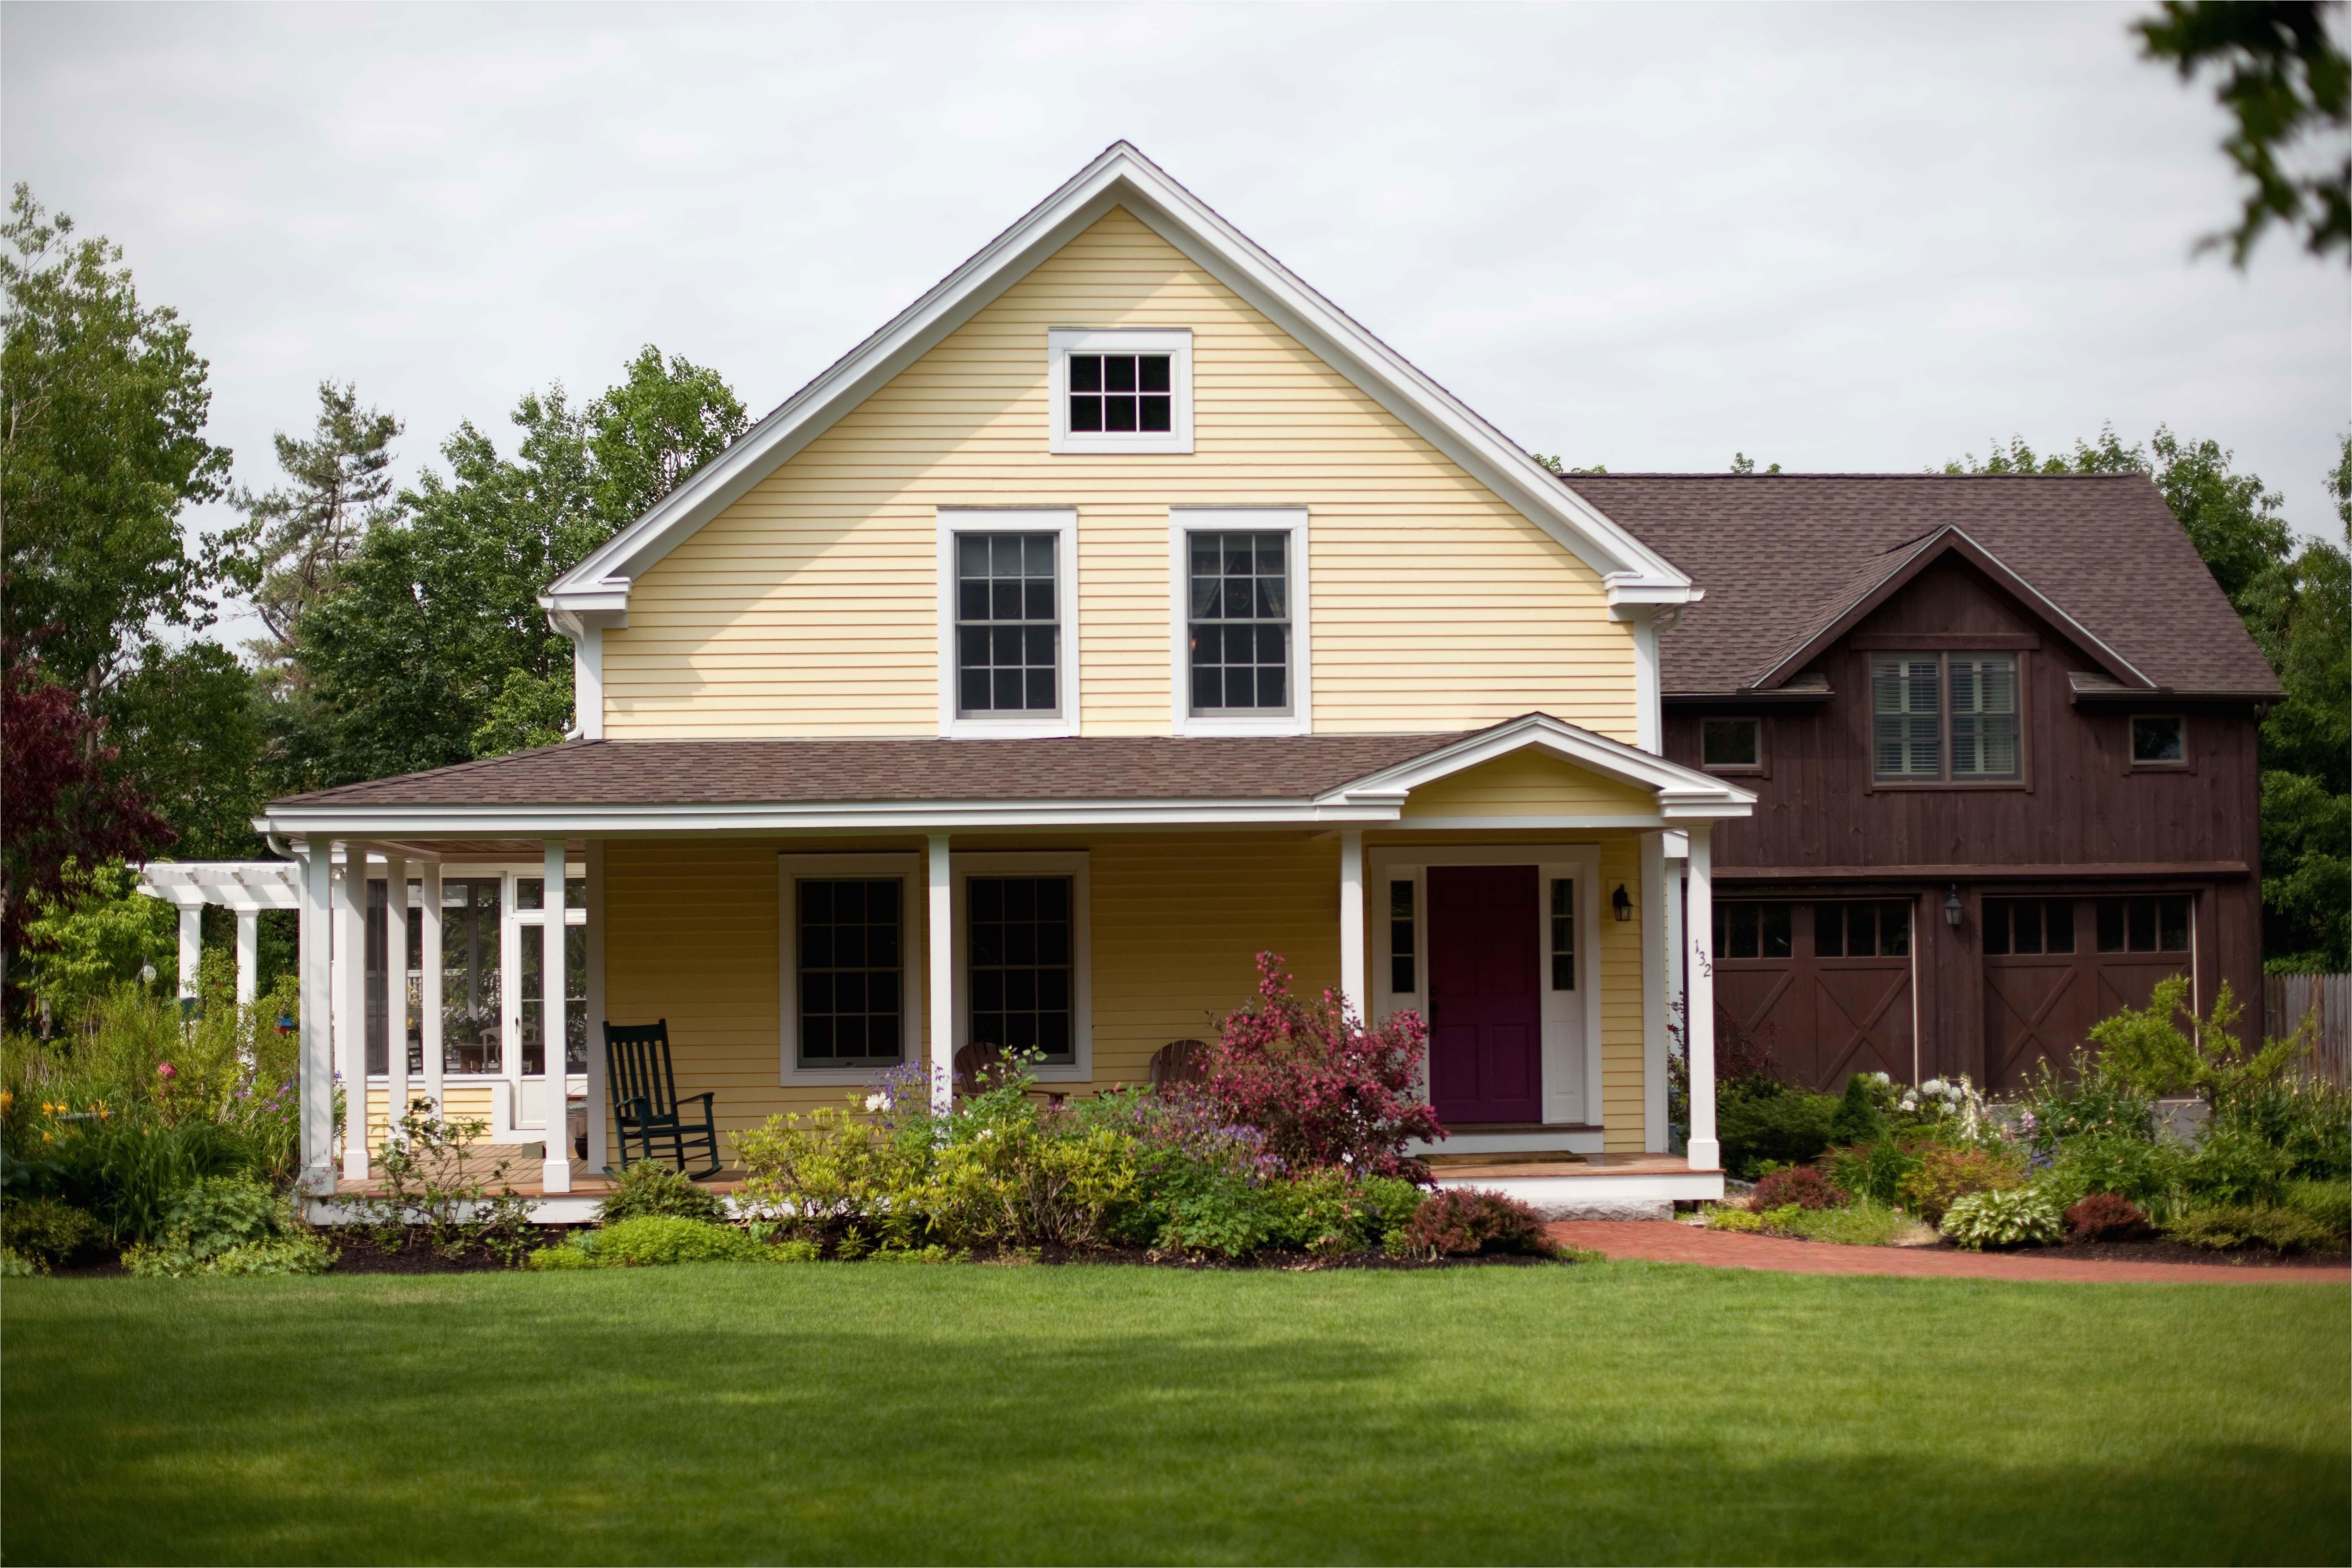 clover hill farmhouse